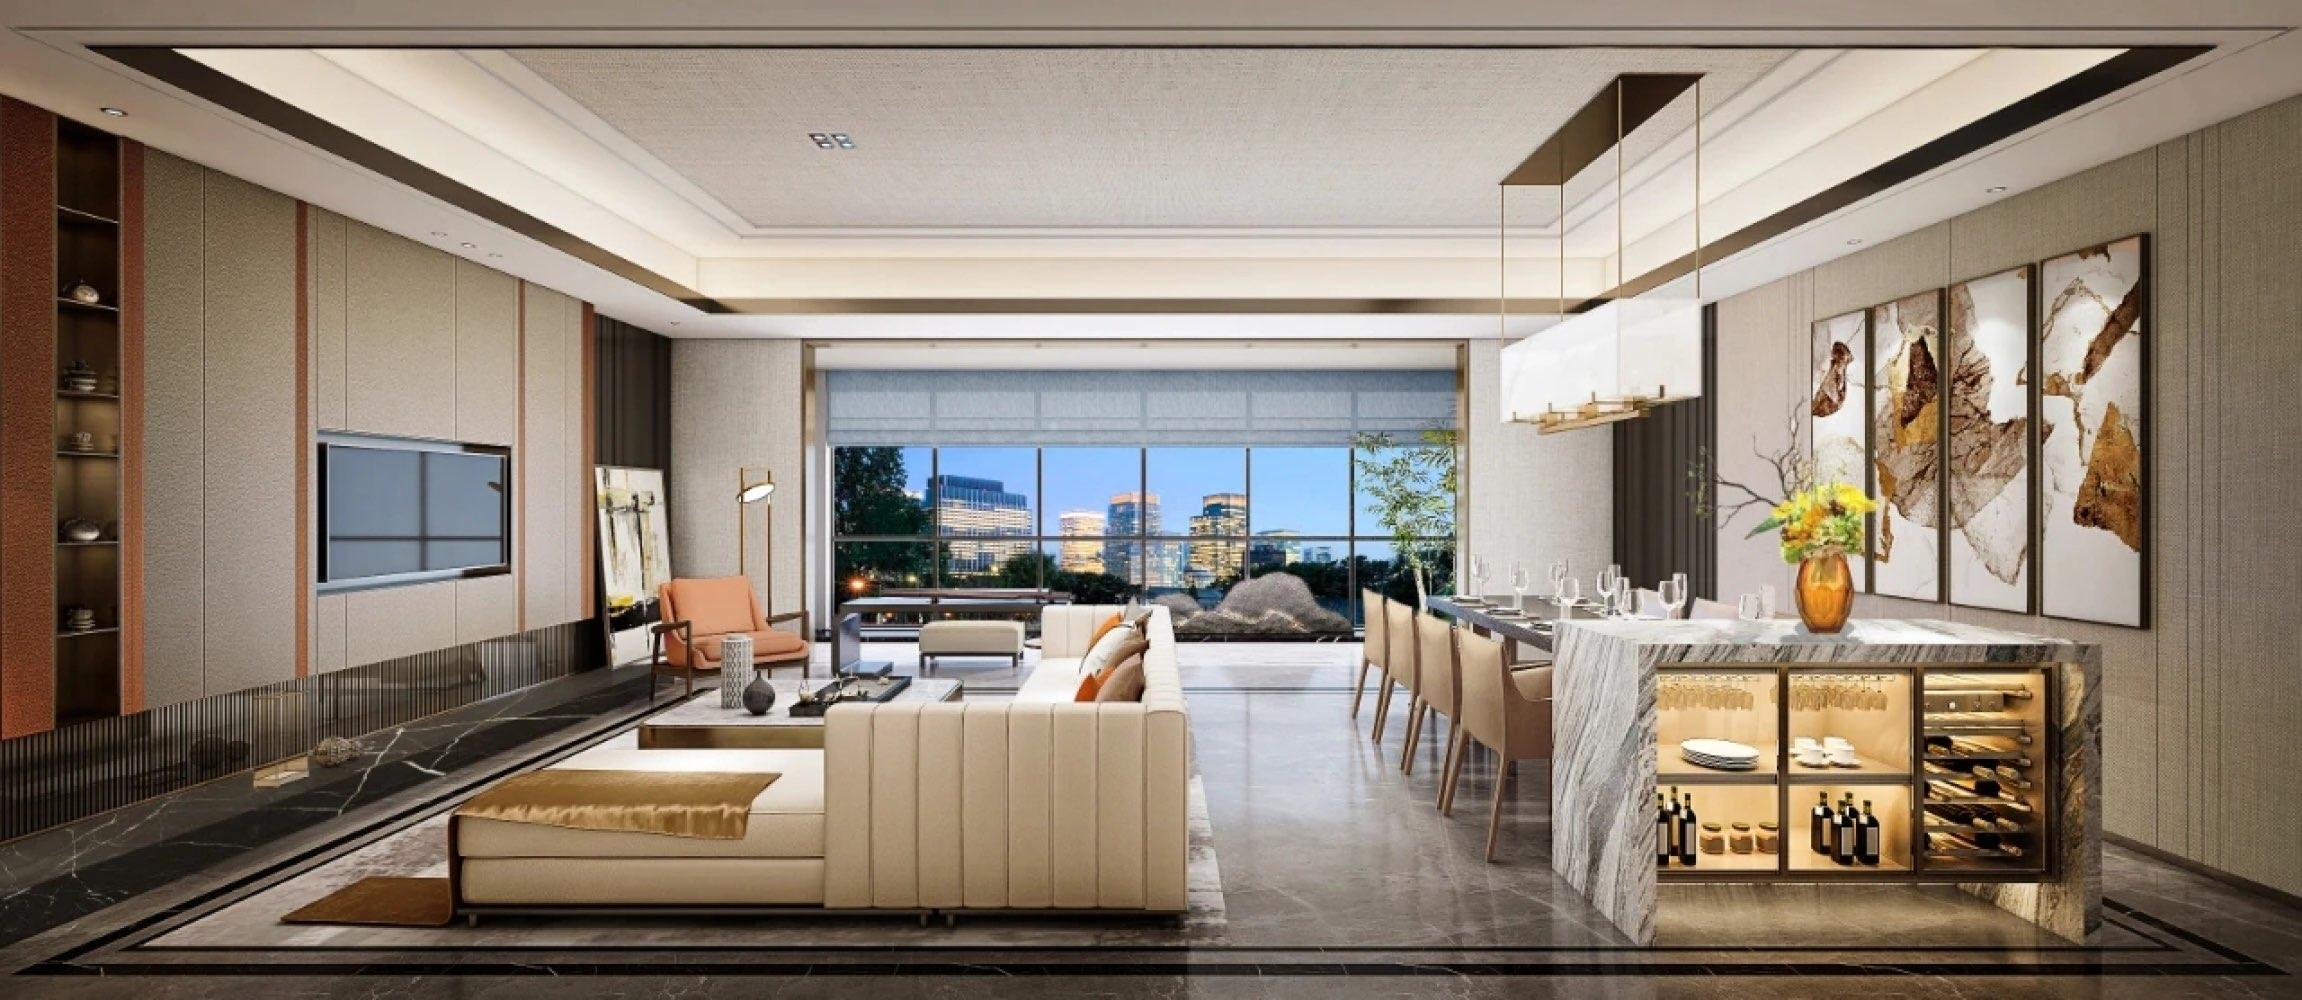 三面环山 底层洋房 7.5米客厅开间 太师椅风格布局 纯舒适